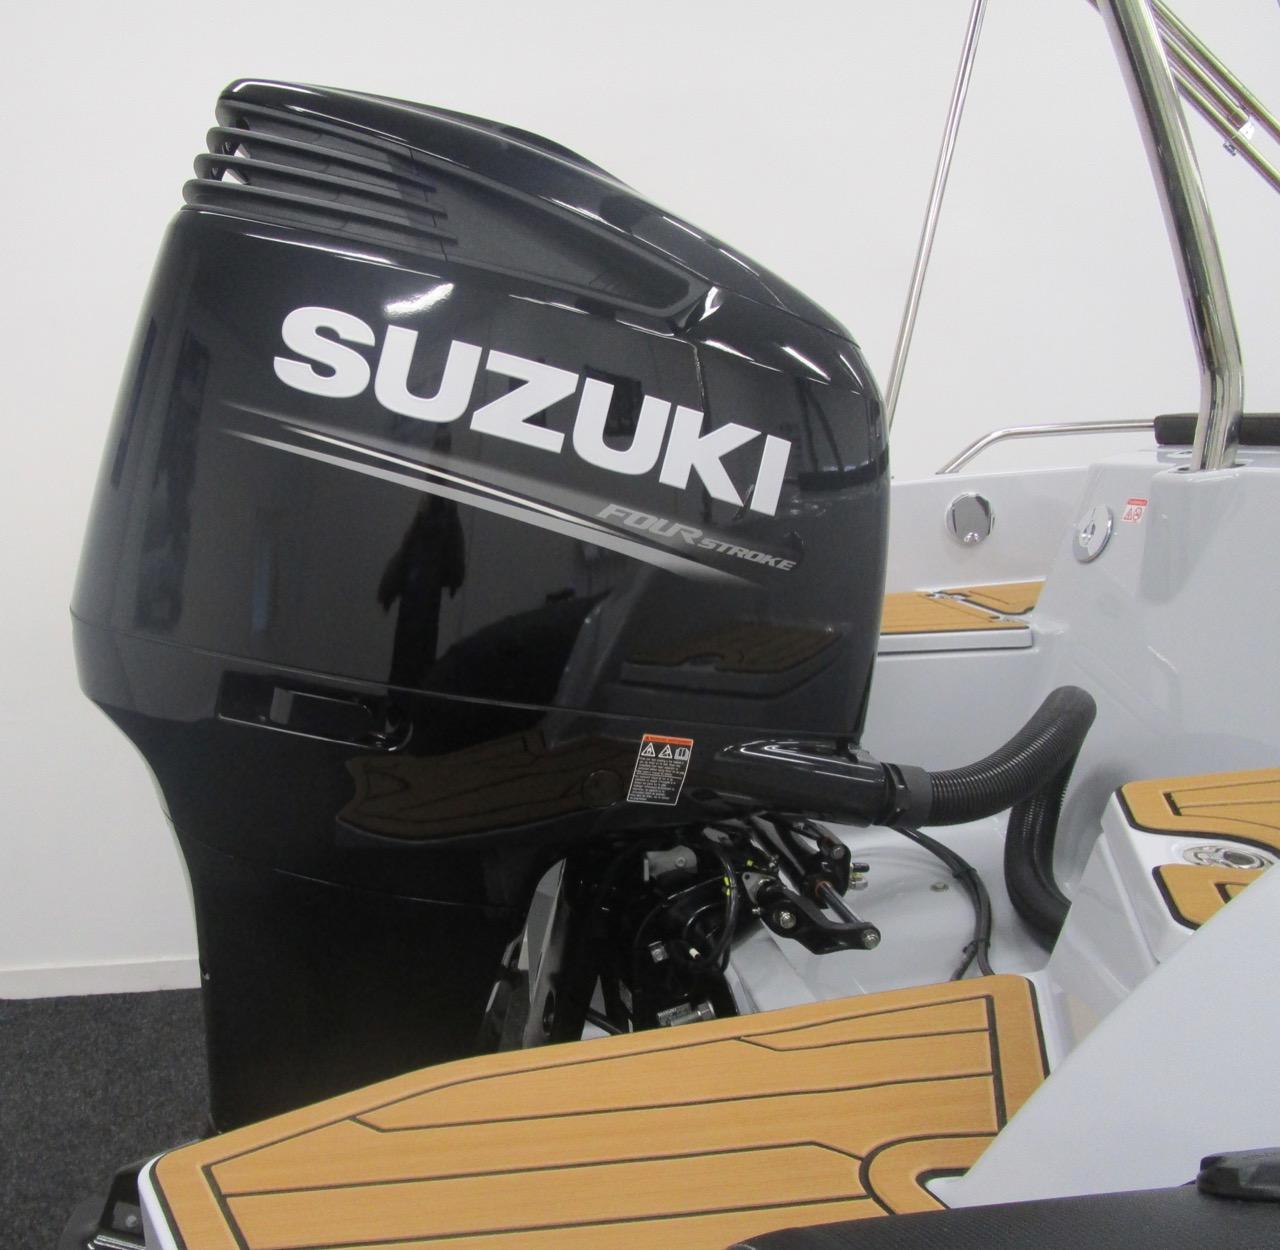 Suzuki DF250APX outboard engine